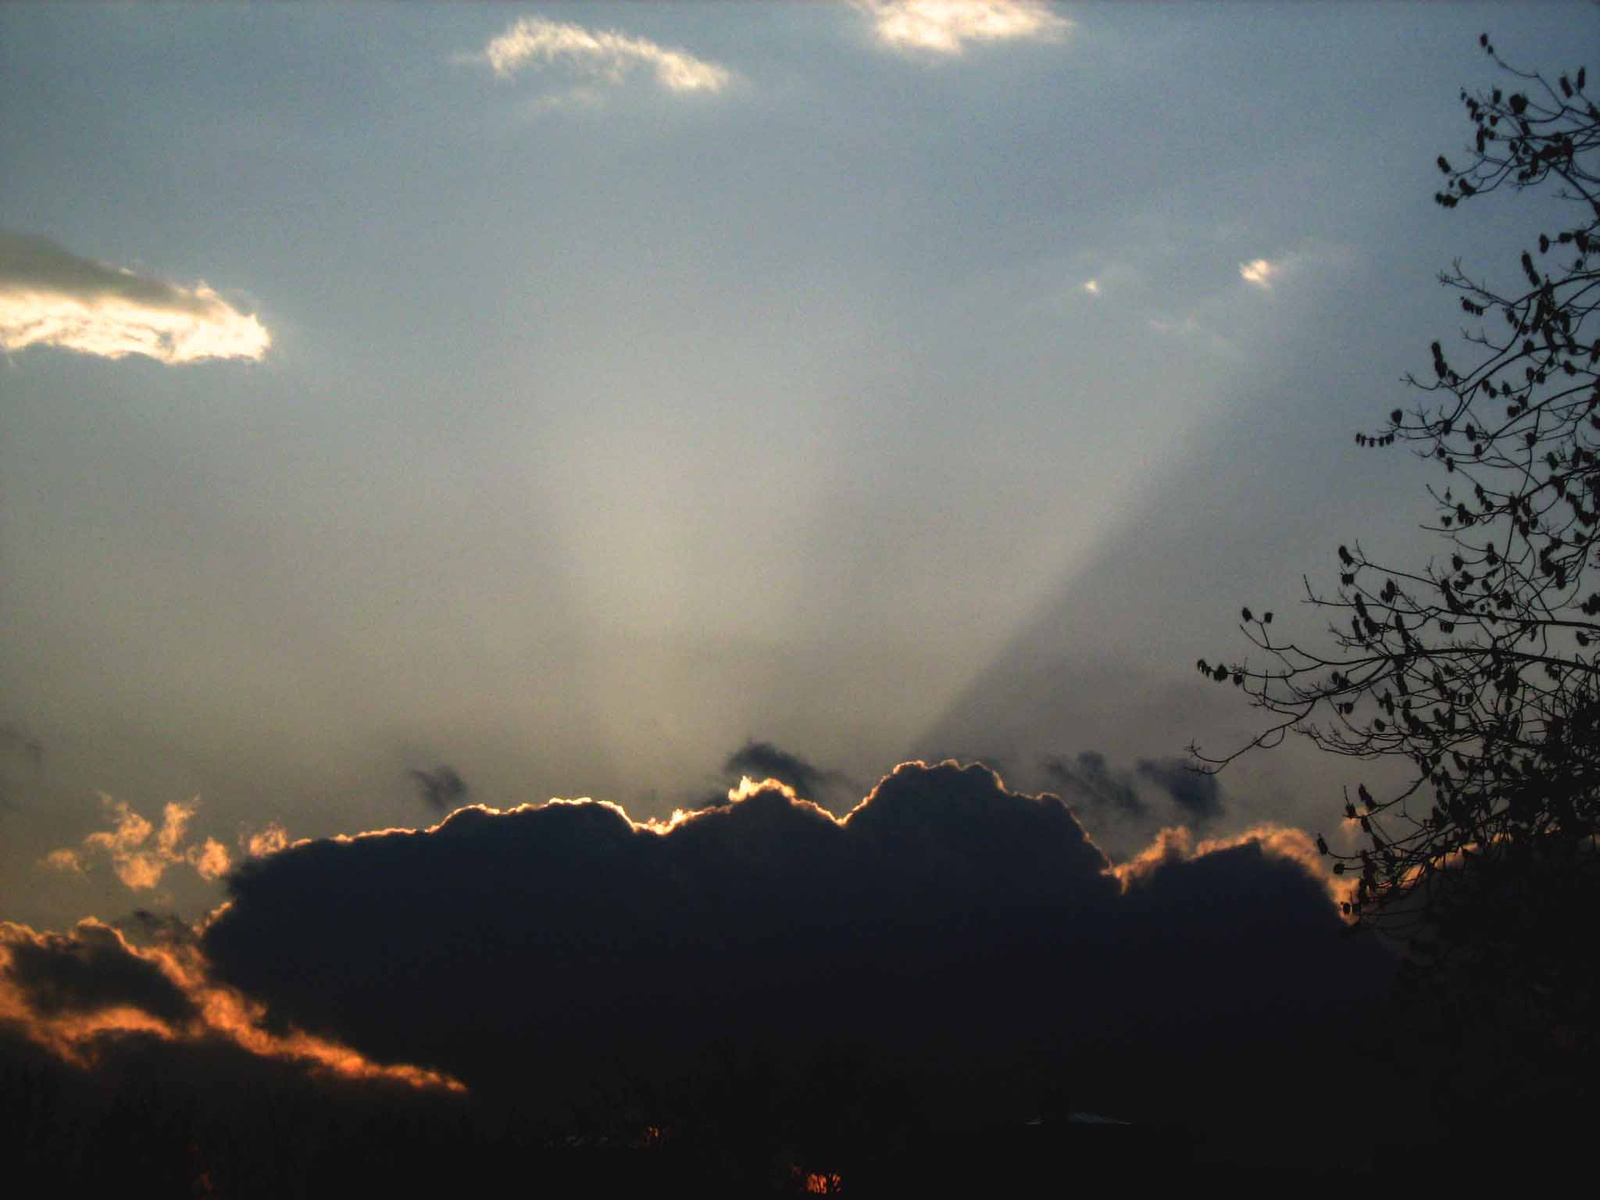 felhők mögött a nap